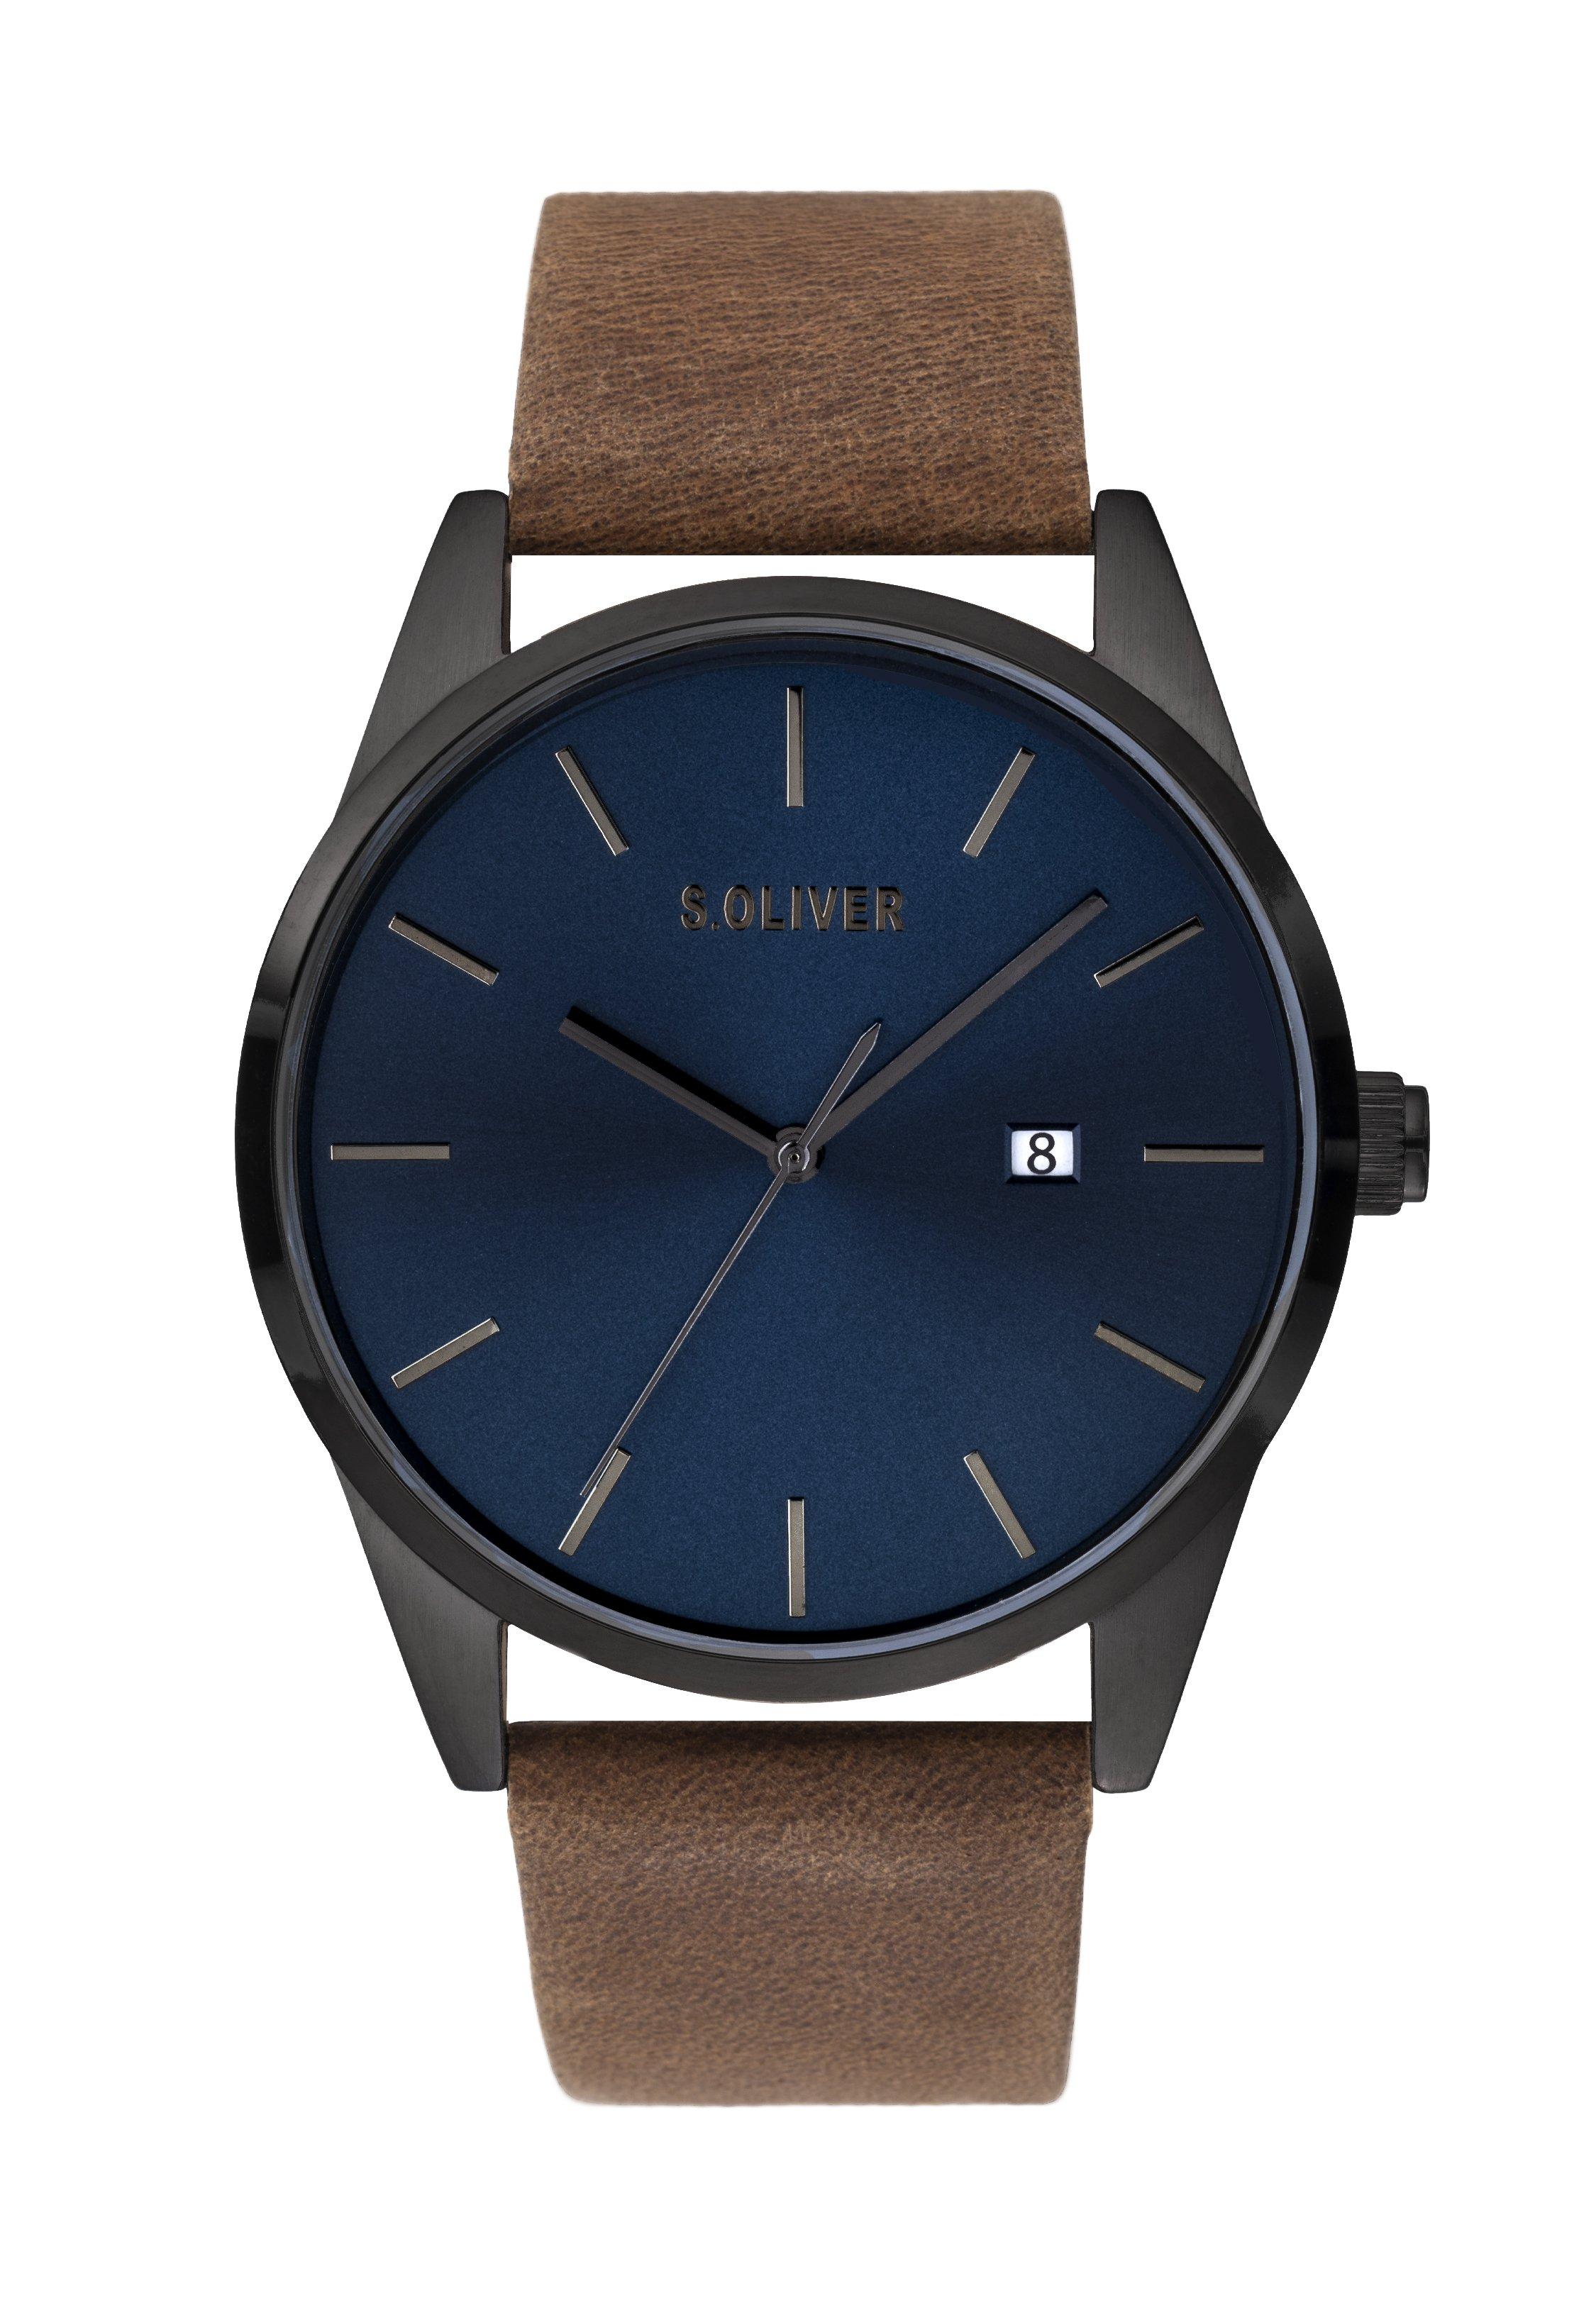 S.oliver Watch - Braun